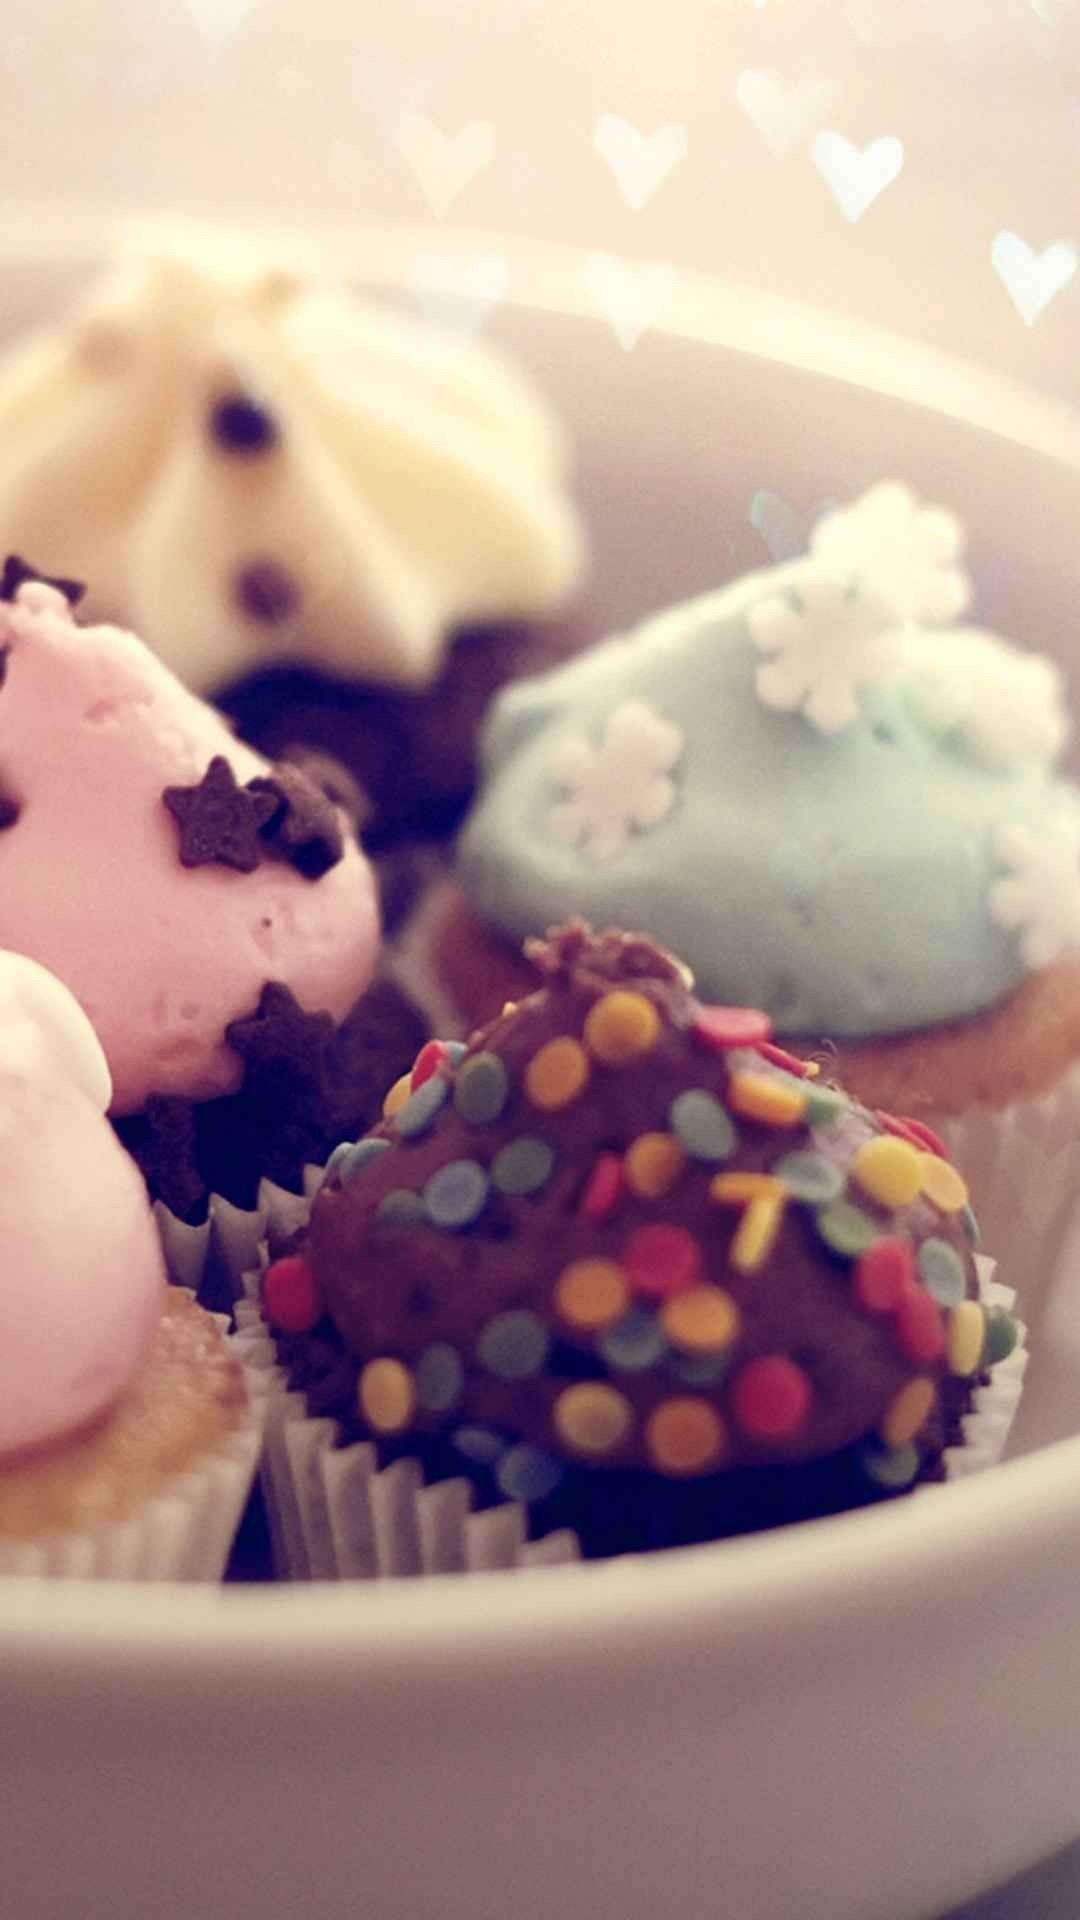 Res: 1080x1920, Pastel Cupcakes Macro Bokeh Cute Dessert android wallpaper HD